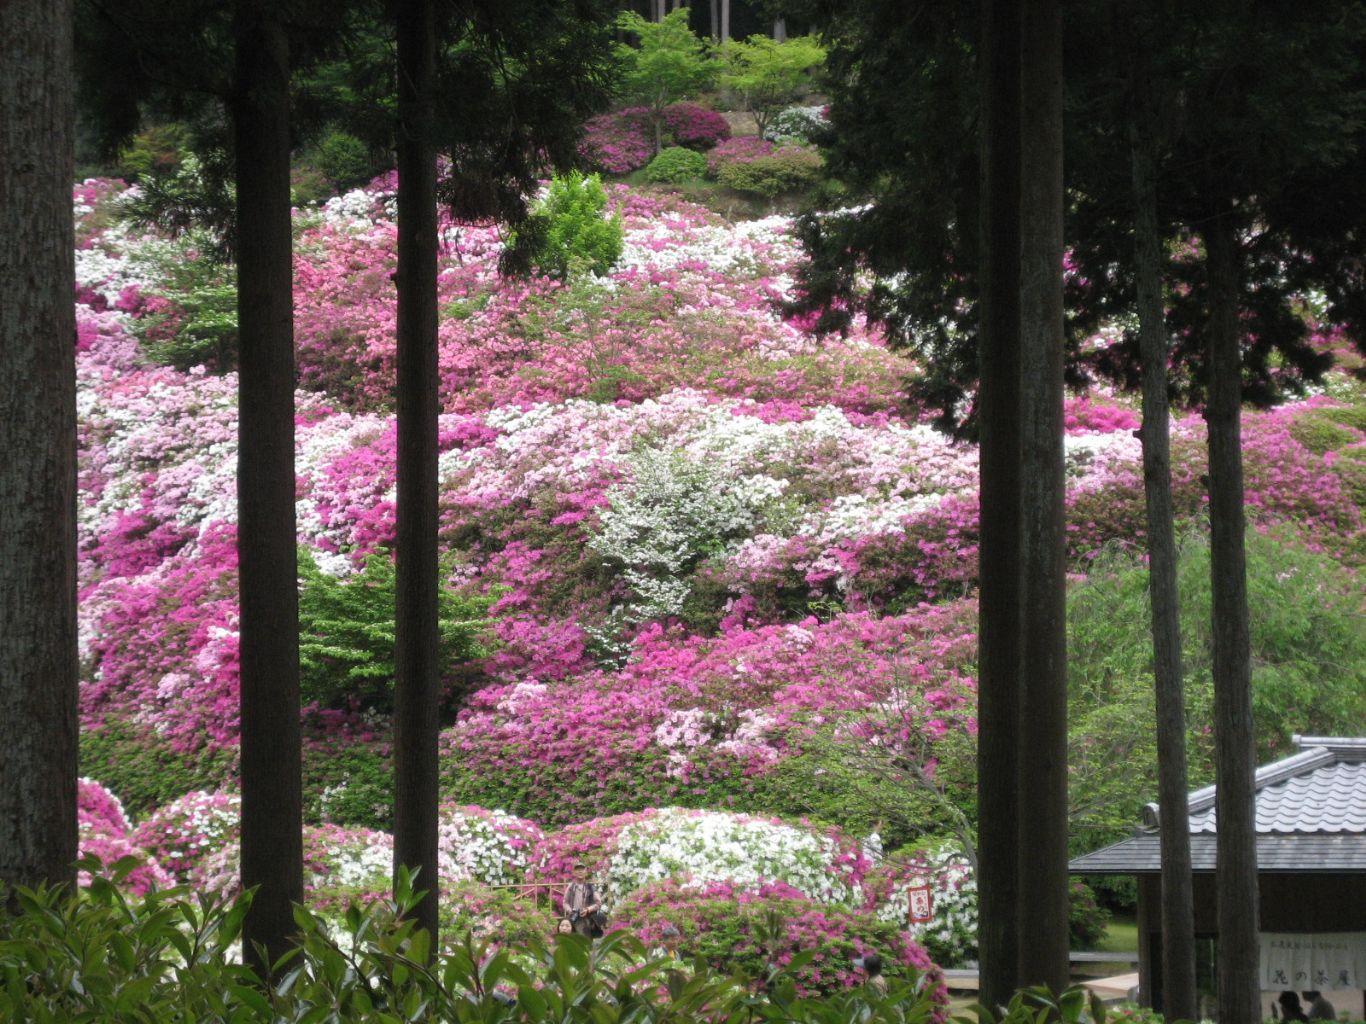 京都観光タクシー同友会の京都観光メニュー宇治・醍醐周辺メニュー